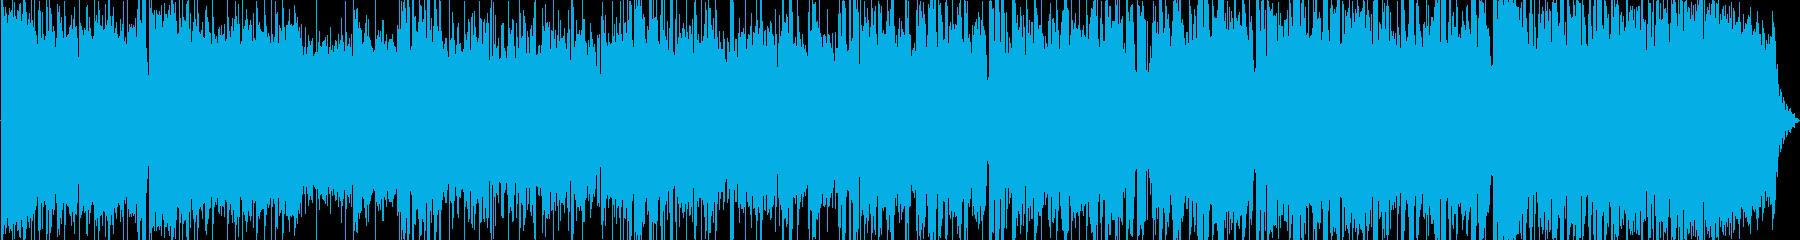 アイドル系ポップロックなボーカル曲です。の再生済みの波形